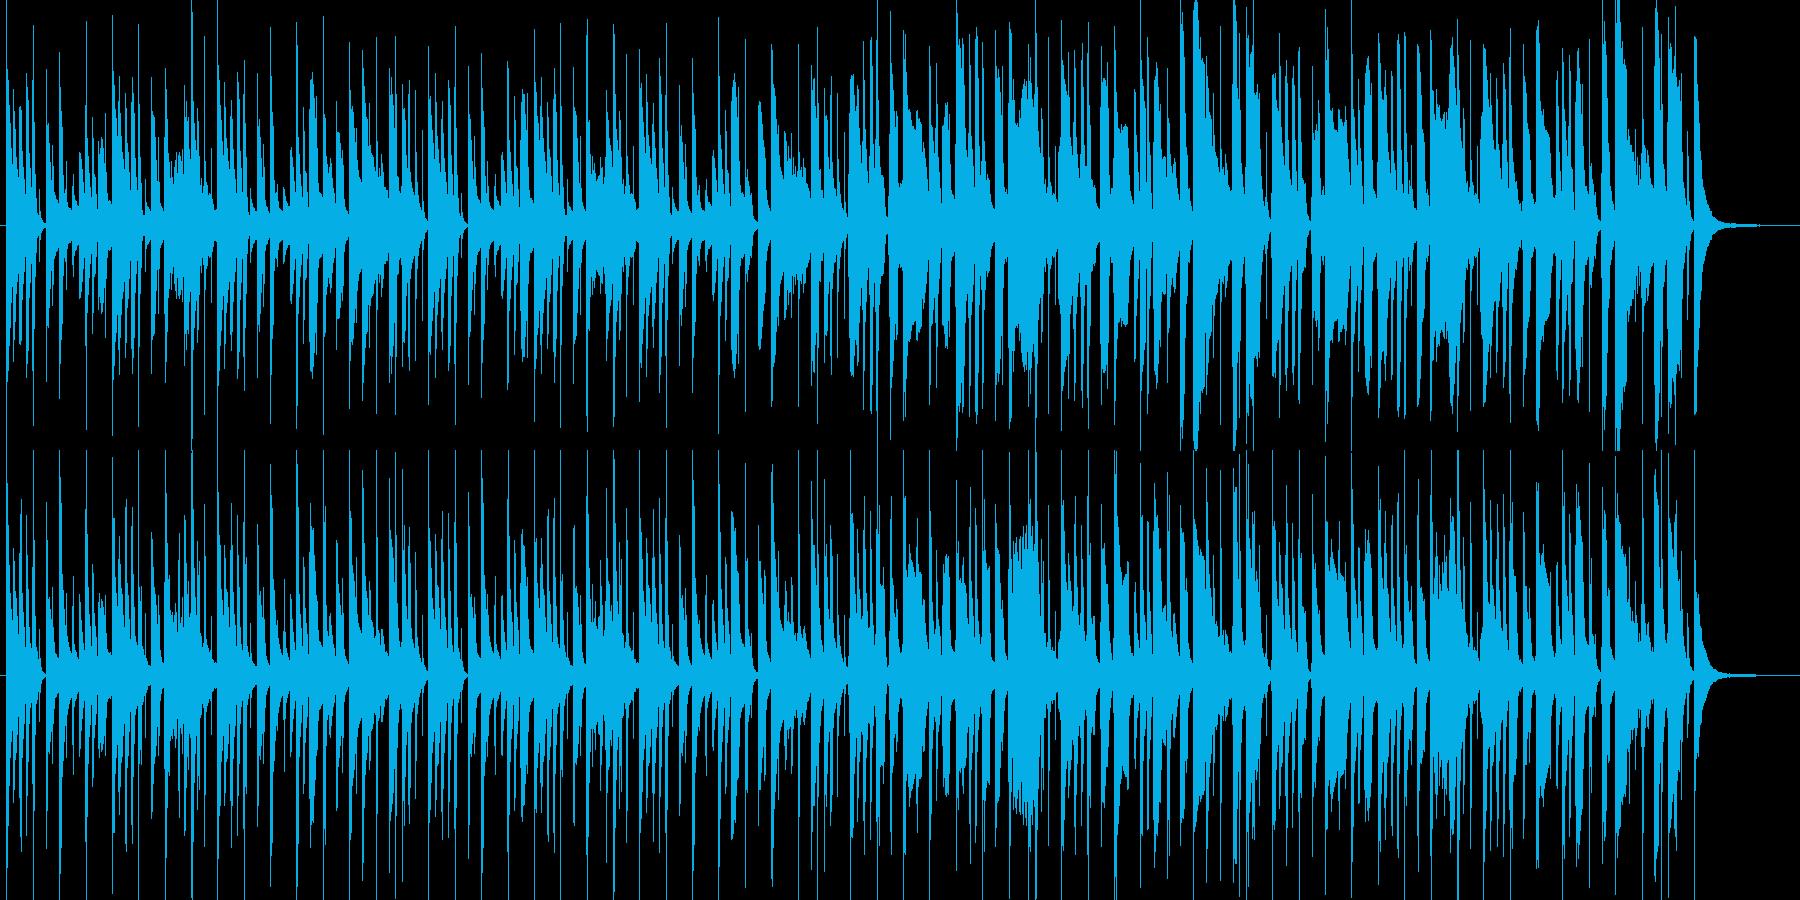 天然おとぼけ系、とんちんかんな場面の劇伴の再生済みの波形